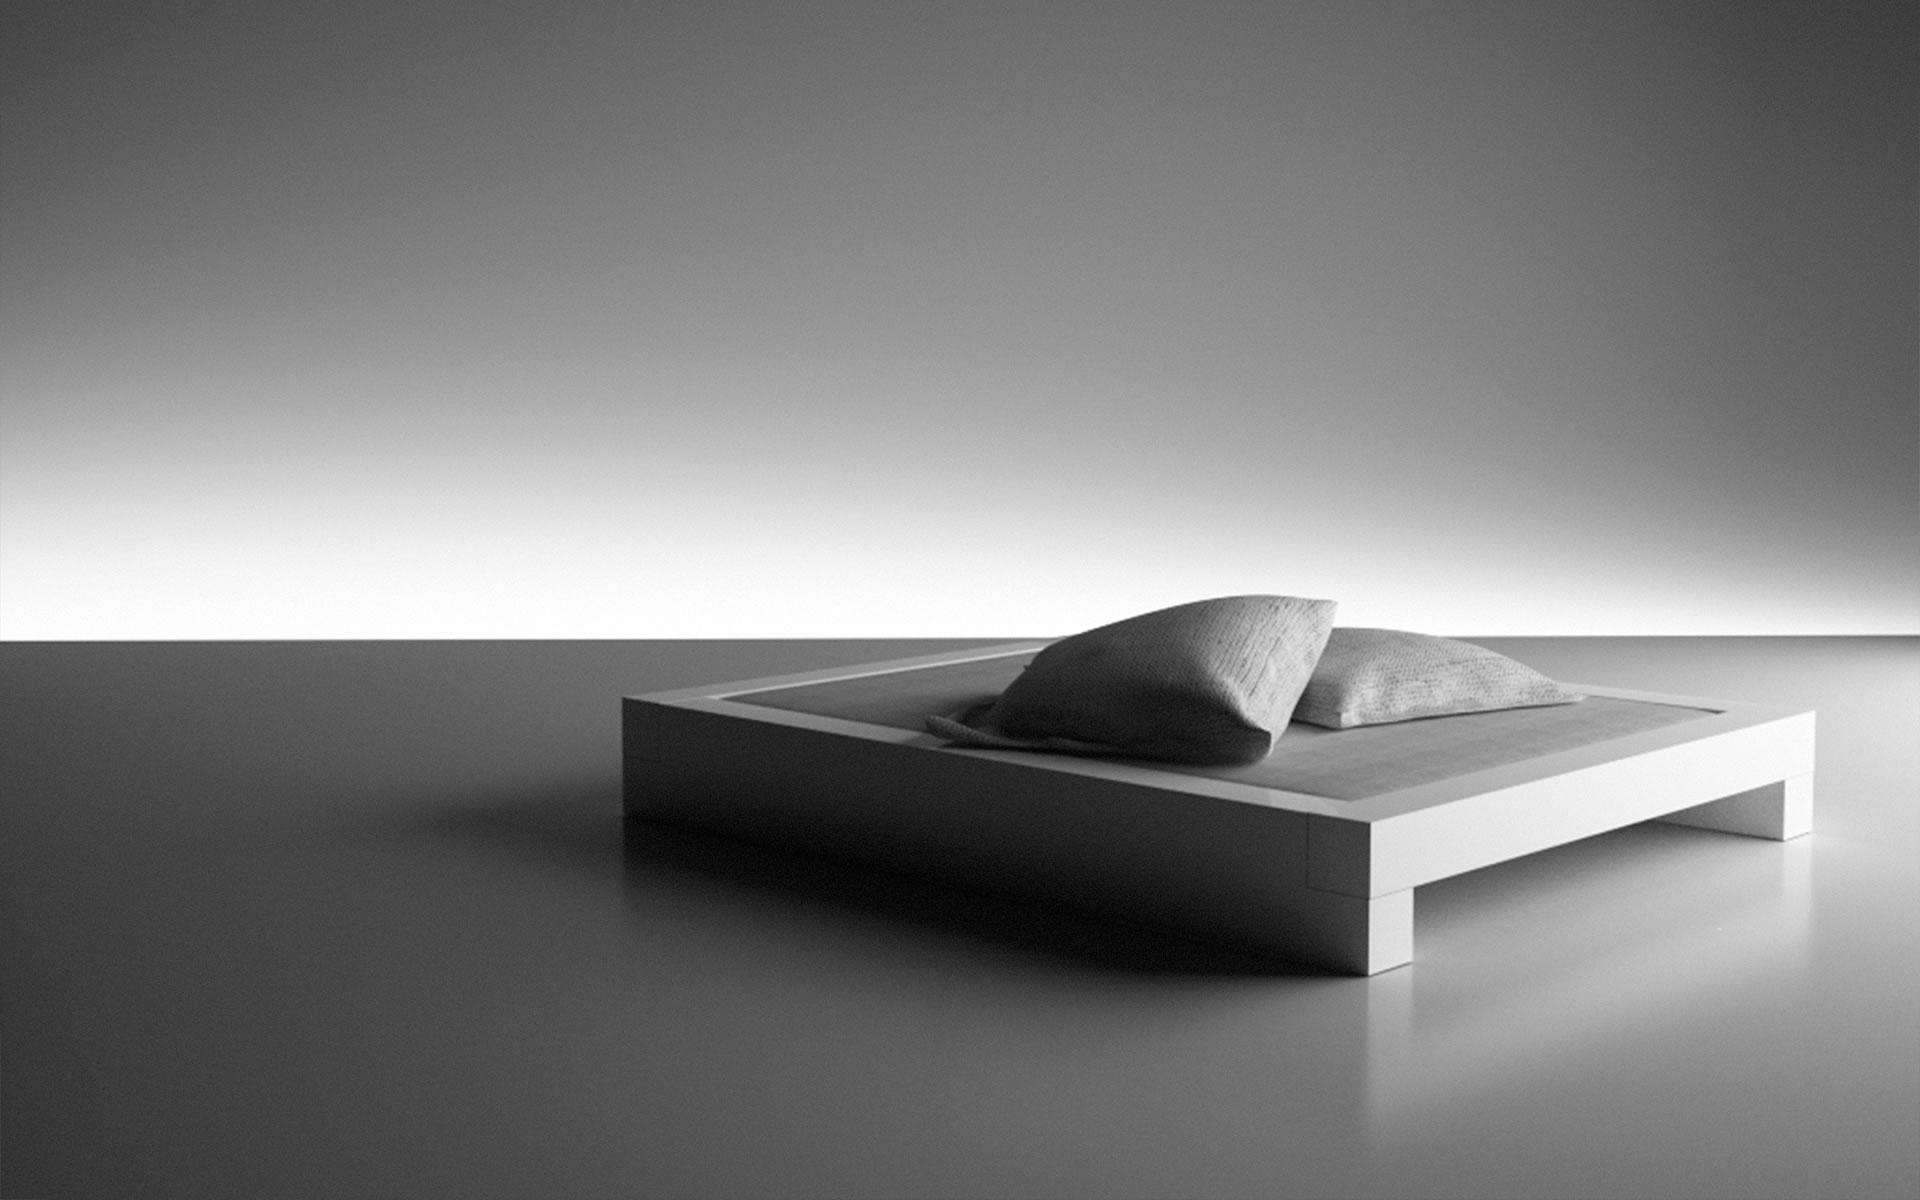 Full Size of Weißes Bett 160x200 Somnium Minimalistisches Design Von Landhaus Pinolino 140x200 Betten Für übergewichtige Amerikanische Ausgefallene Ikea Chesterfield Bett Weißes Bett 160x200